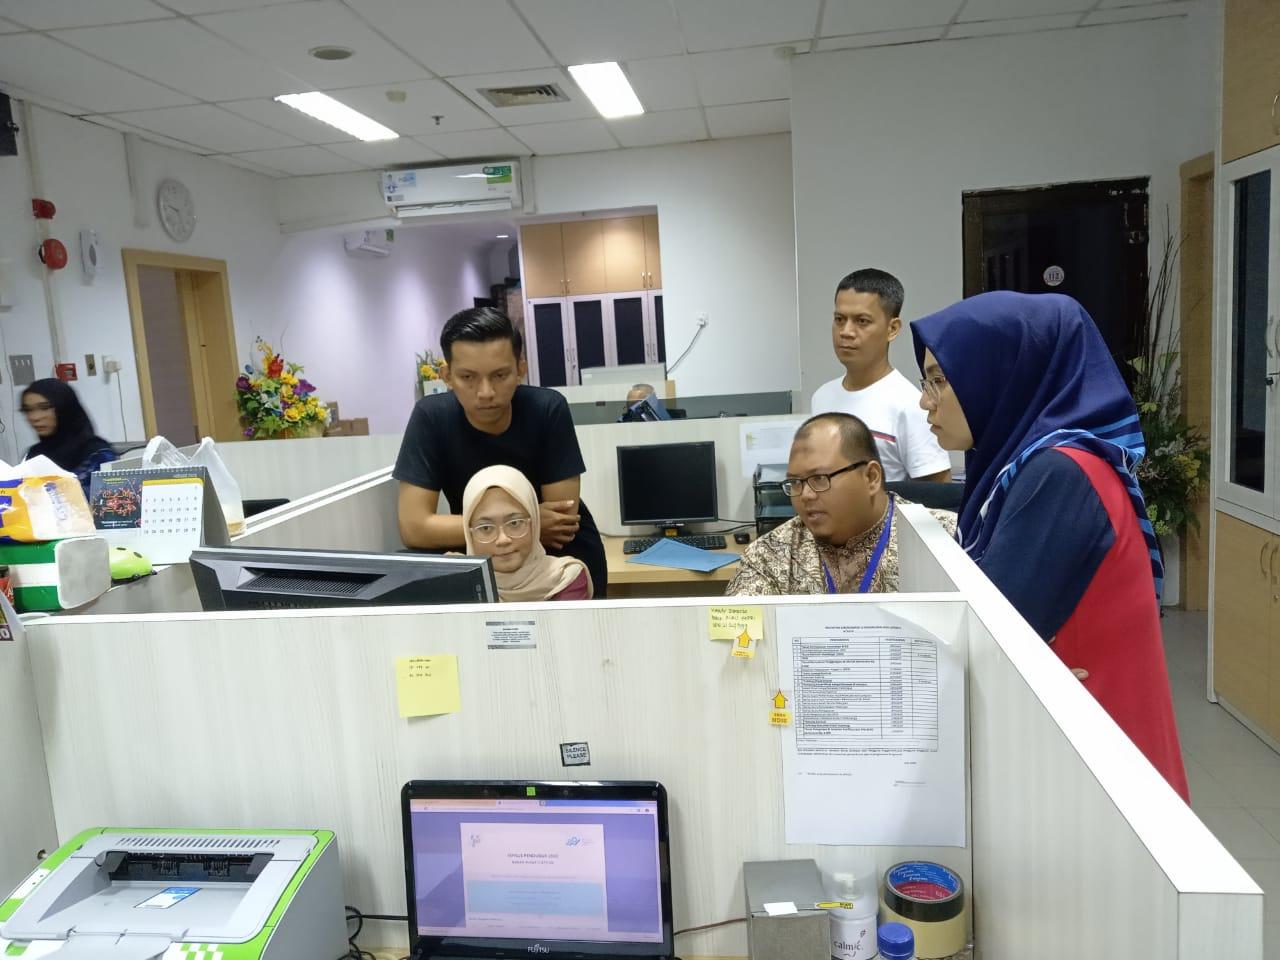 Kunjungan Tim IT Support Diskominfo Batam ke Bagian Umum Setdako Batam